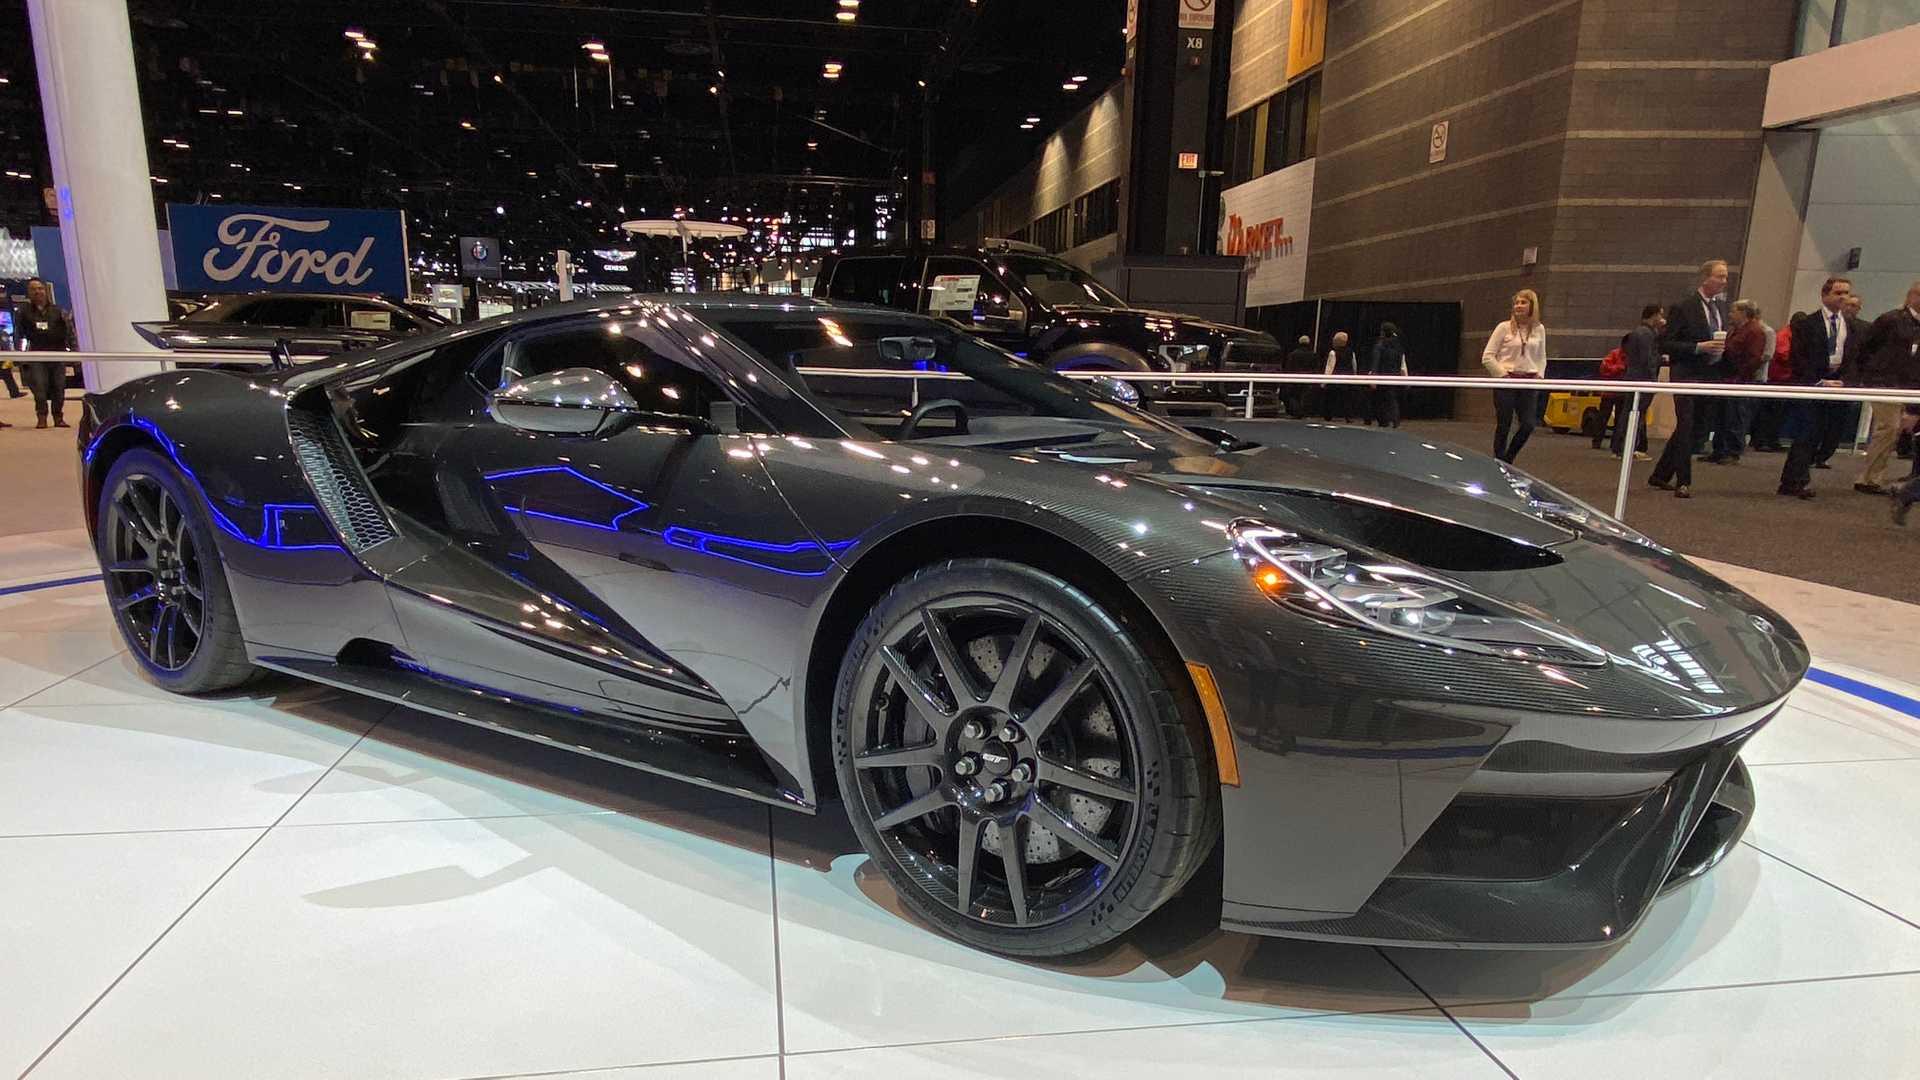 新款福特GT跑车将推出特别版的带有EcoBoost动力